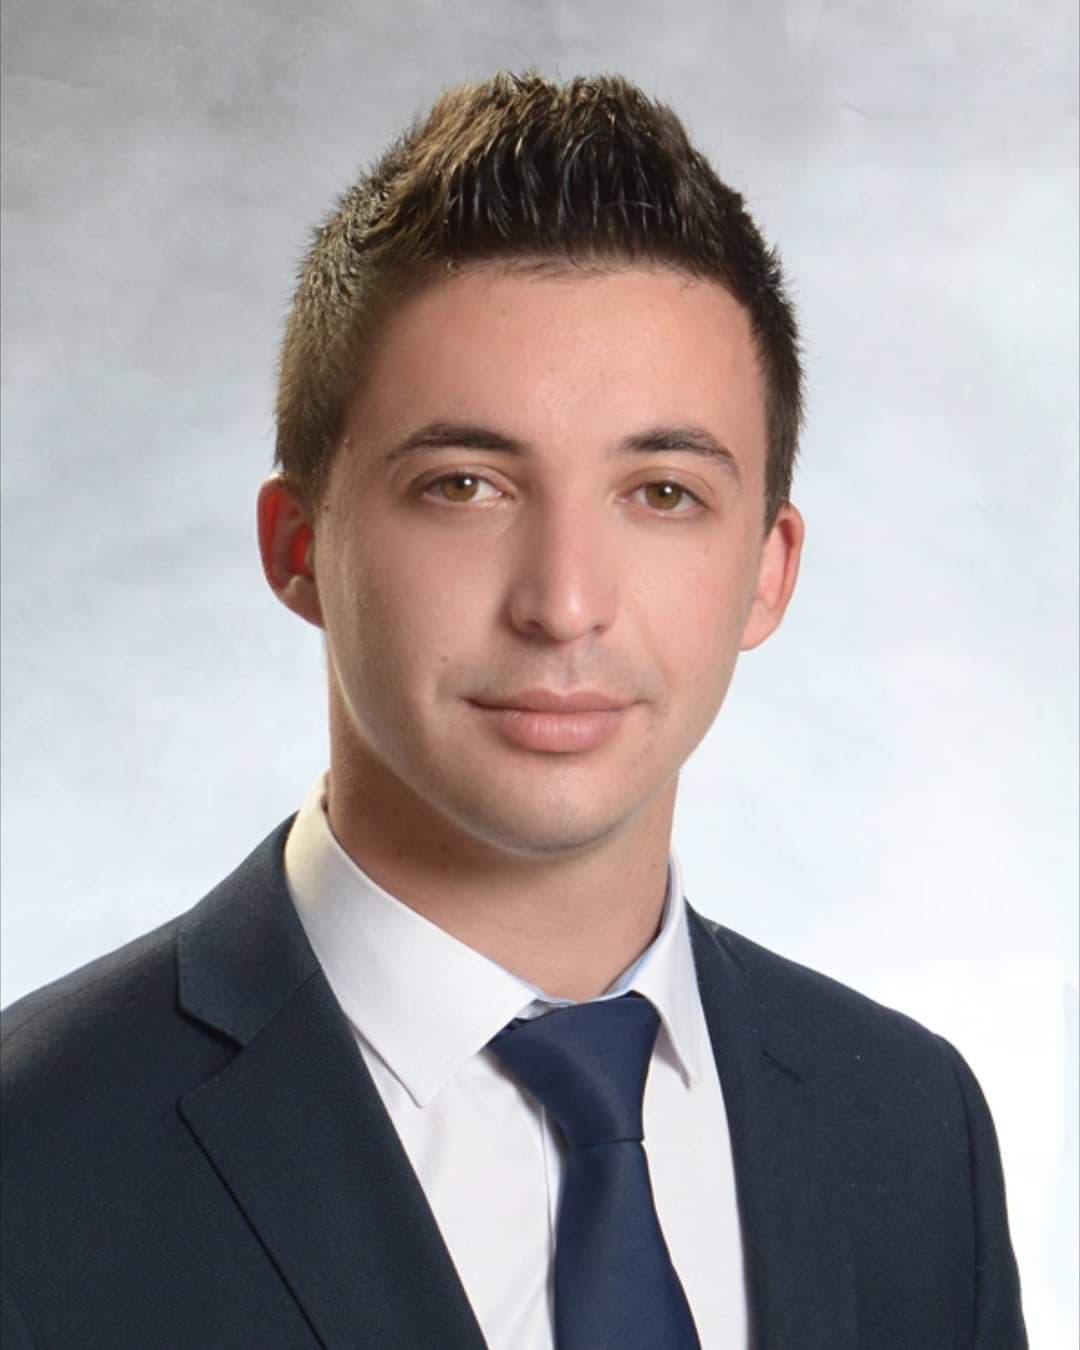 Bajram Dizdarević